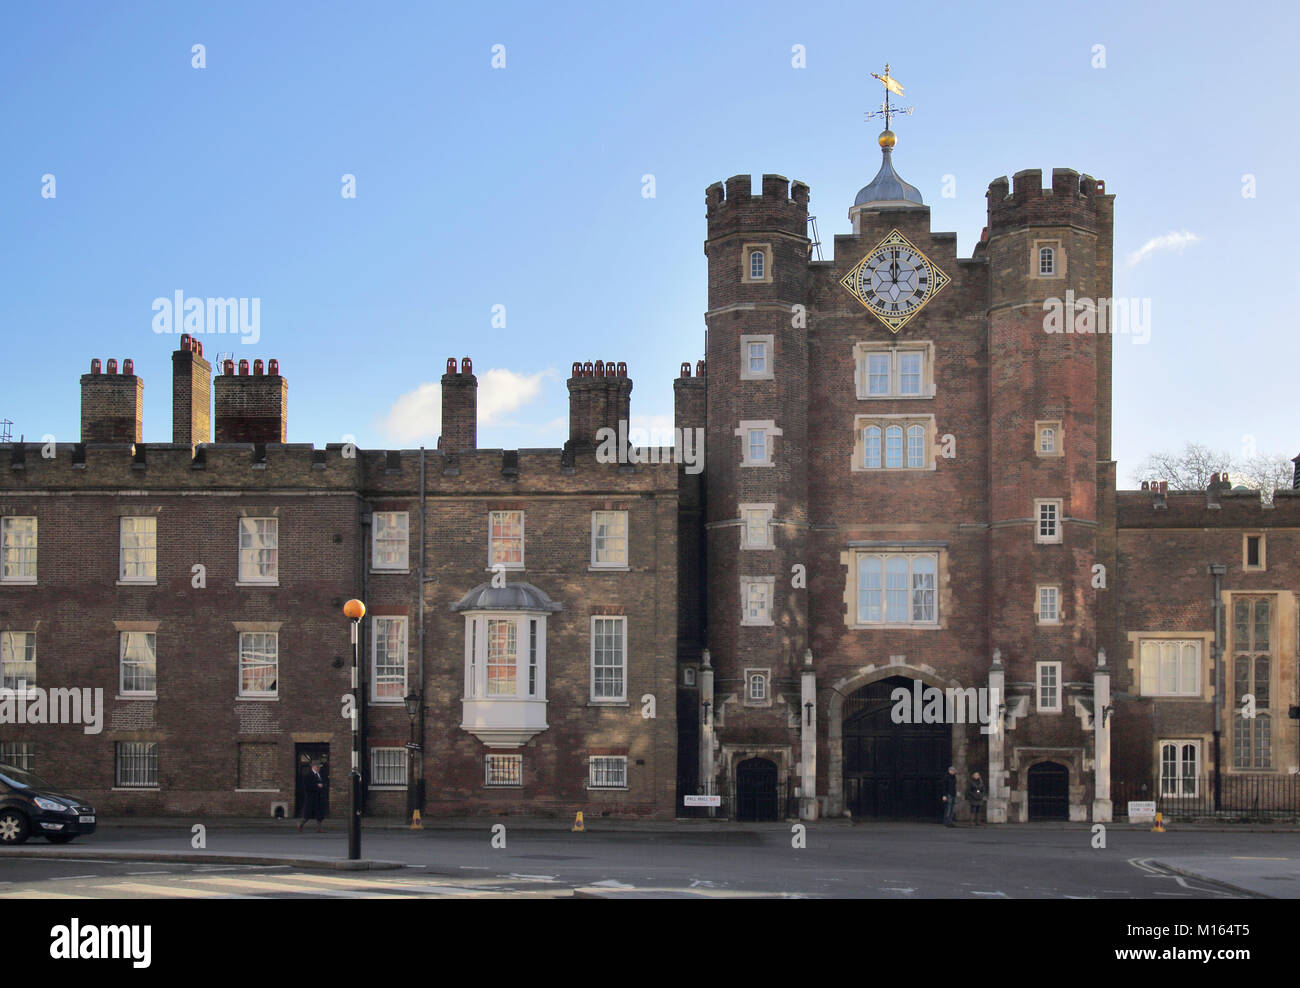 st james palace pall mall london Stock Photo